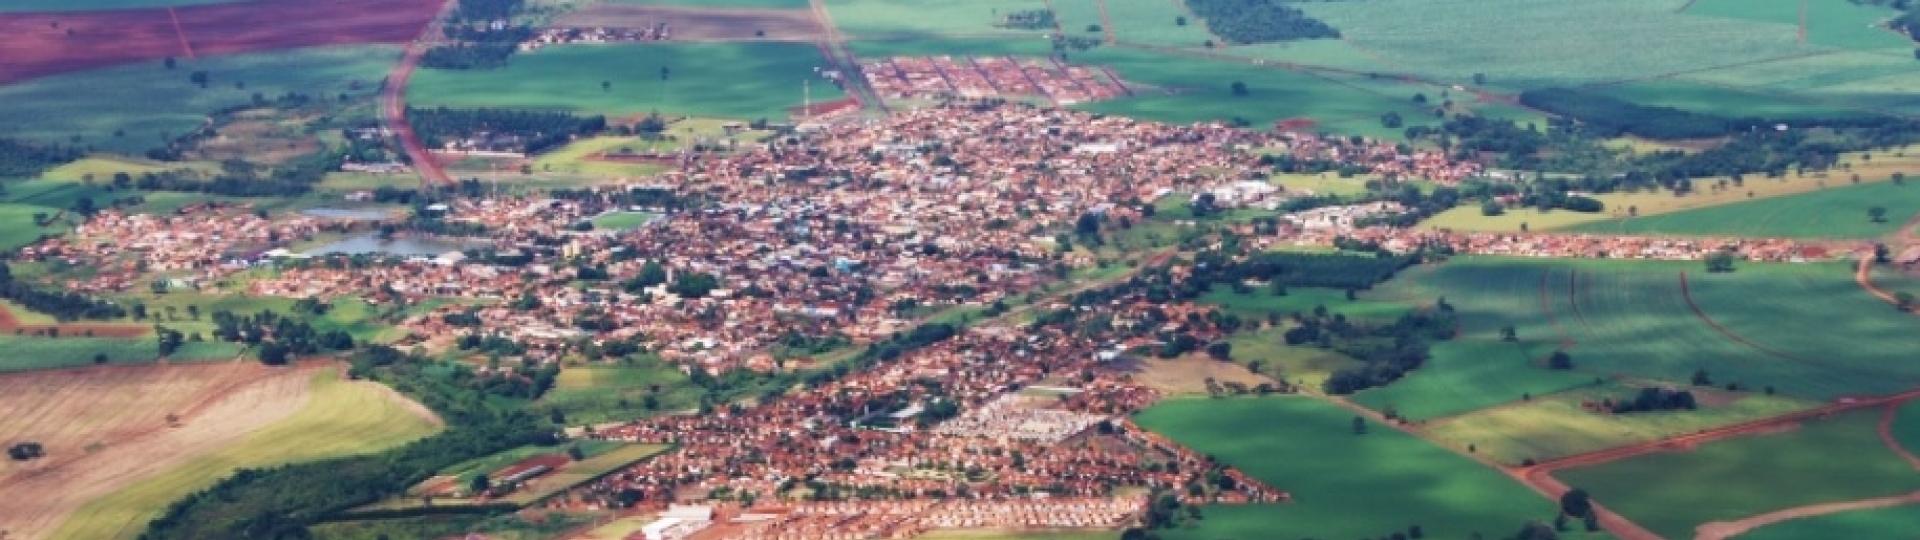 Ipuã: agronegócio e desenvolvimento